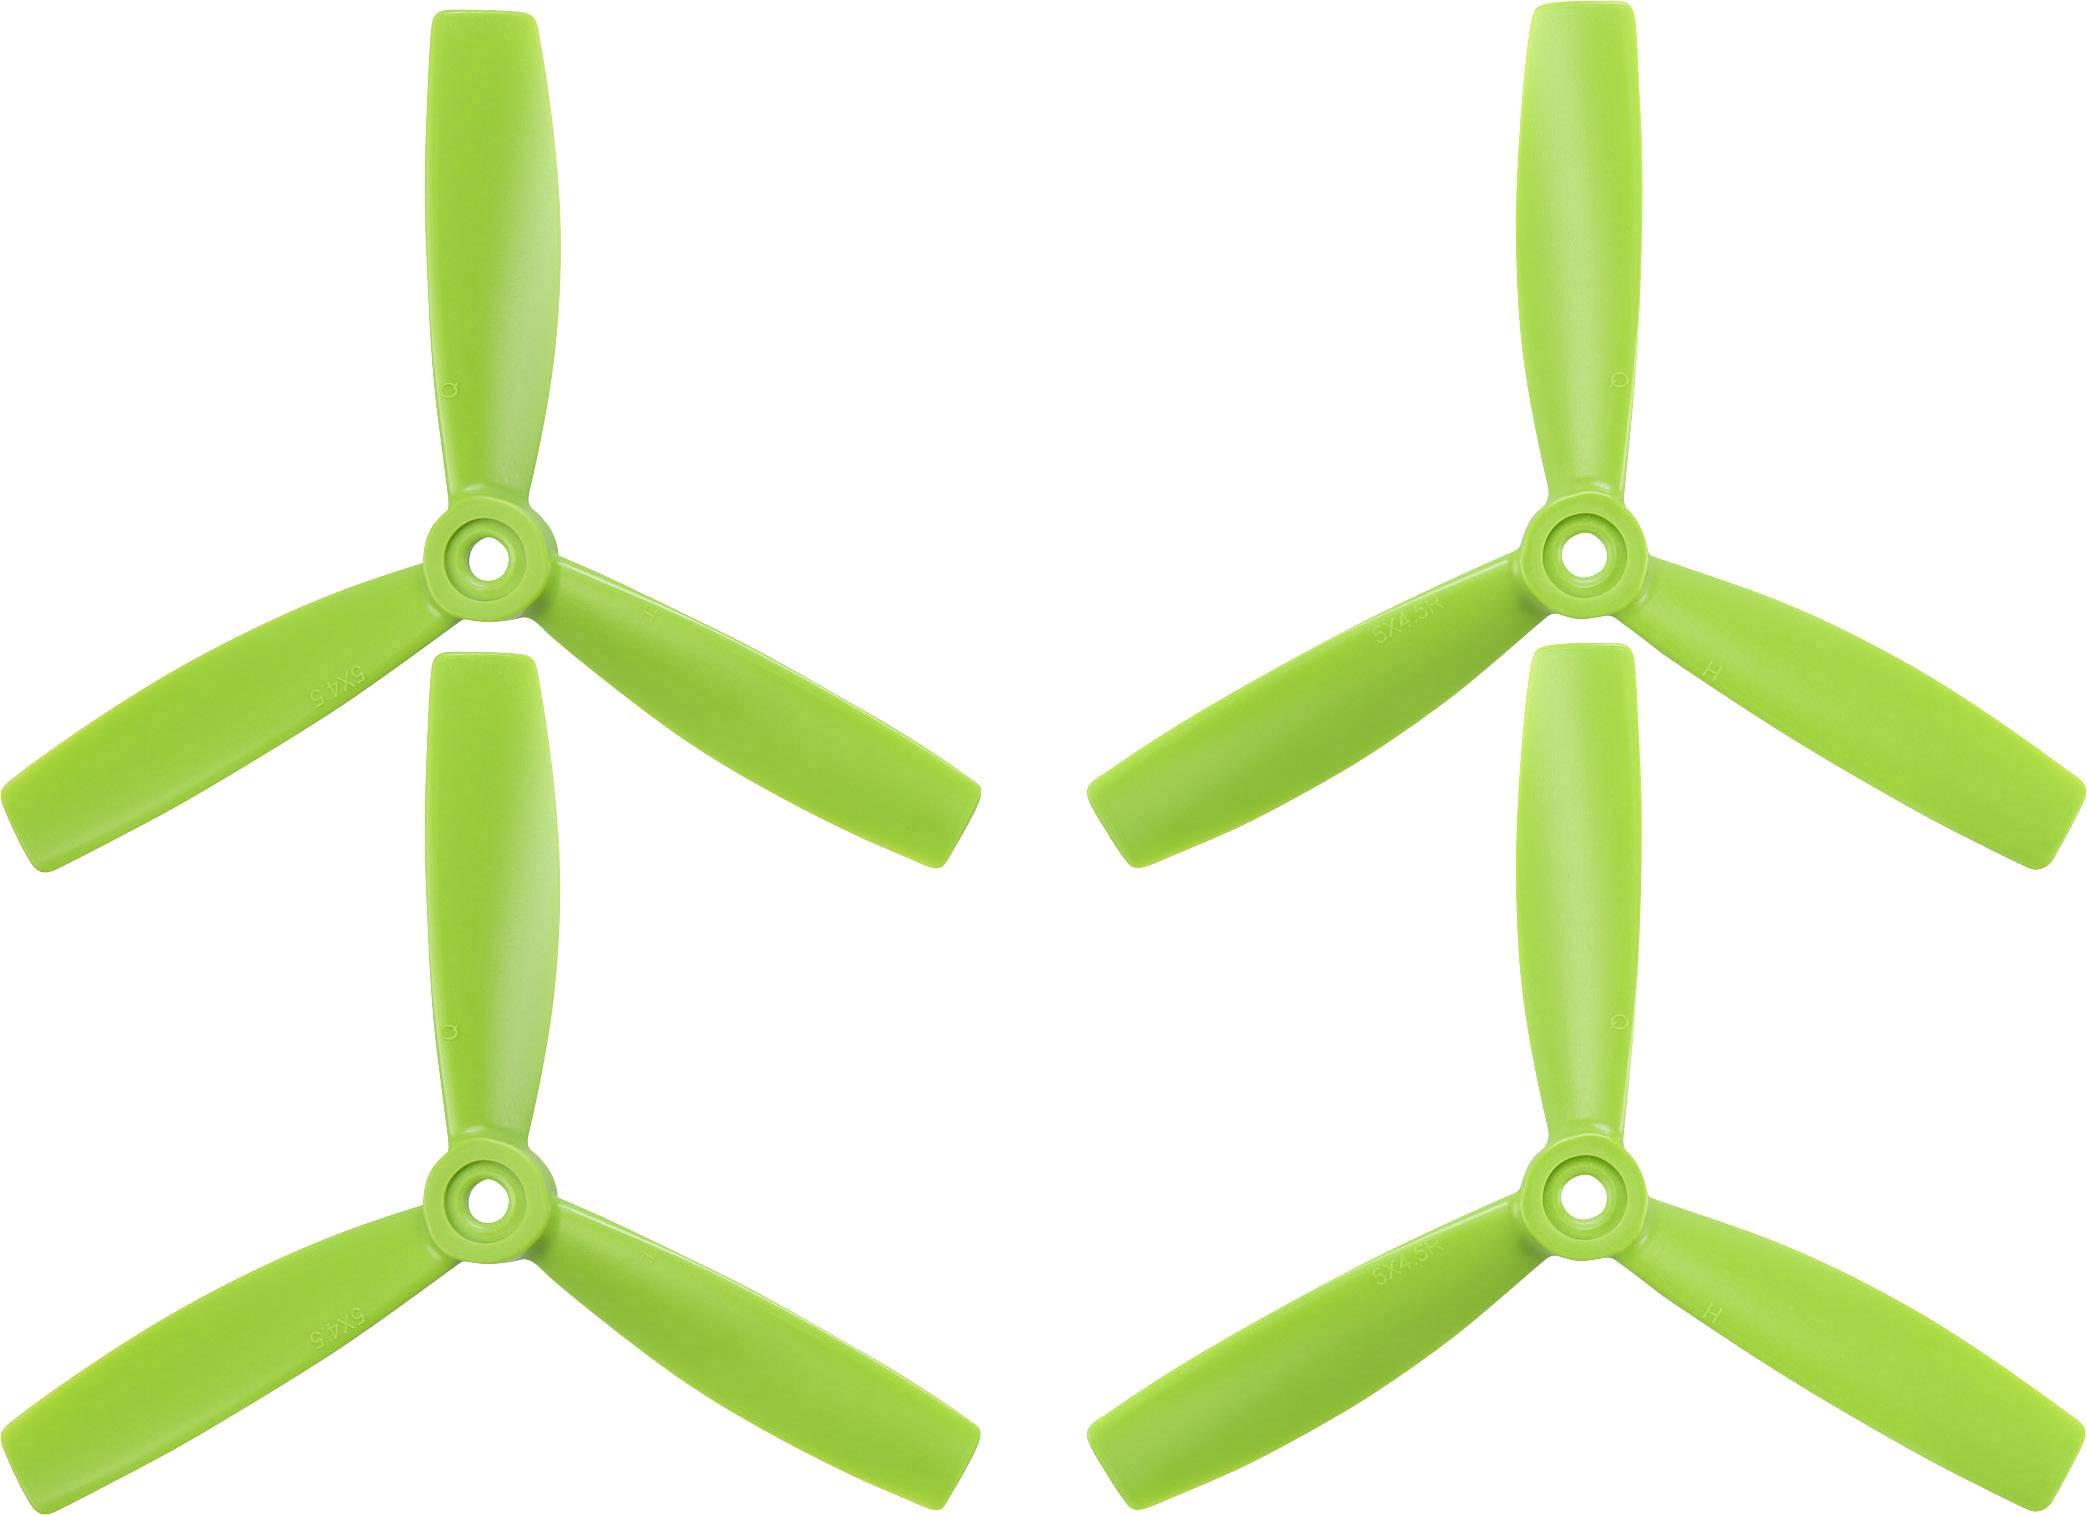 """Sada vrtulí racekoptéry HQ Prop 5 x 4 """" (12.7 x 10.2 cm) TP5X4.5X3G&TP5X4.5X3RG"""